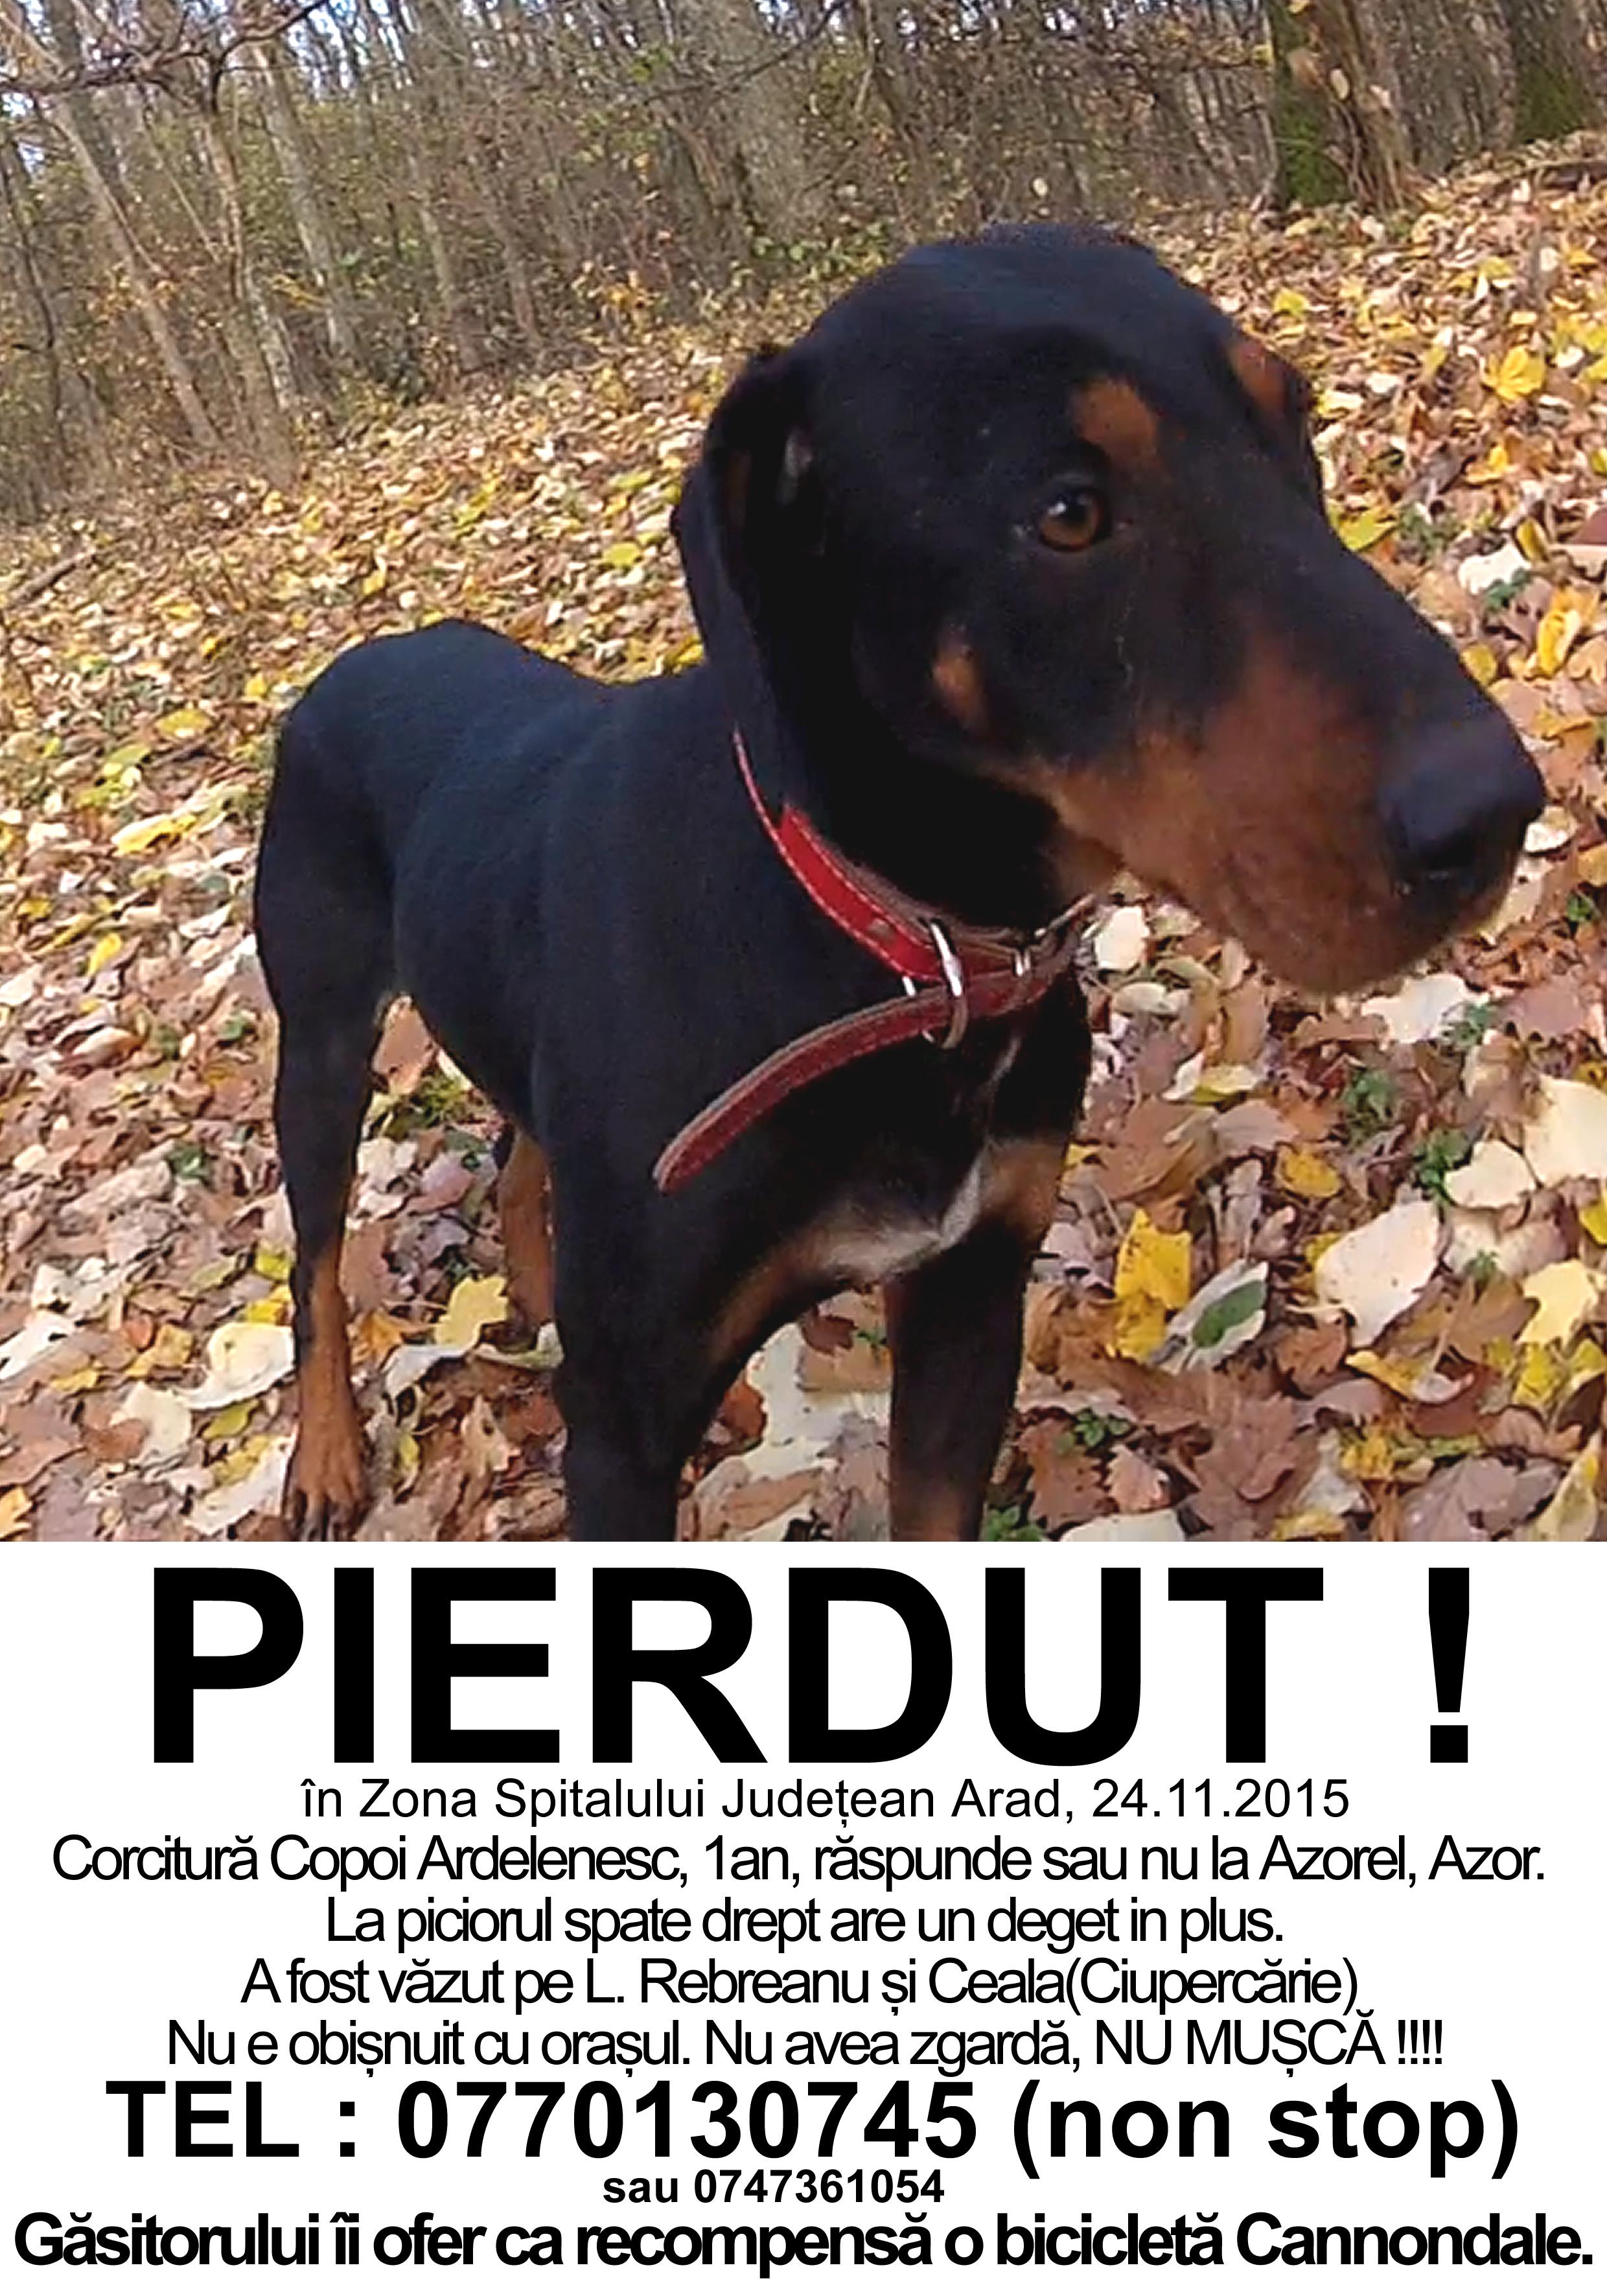 Pierdut-Corcitura-Copoi-ardelenesc-Arad-24.11.2015